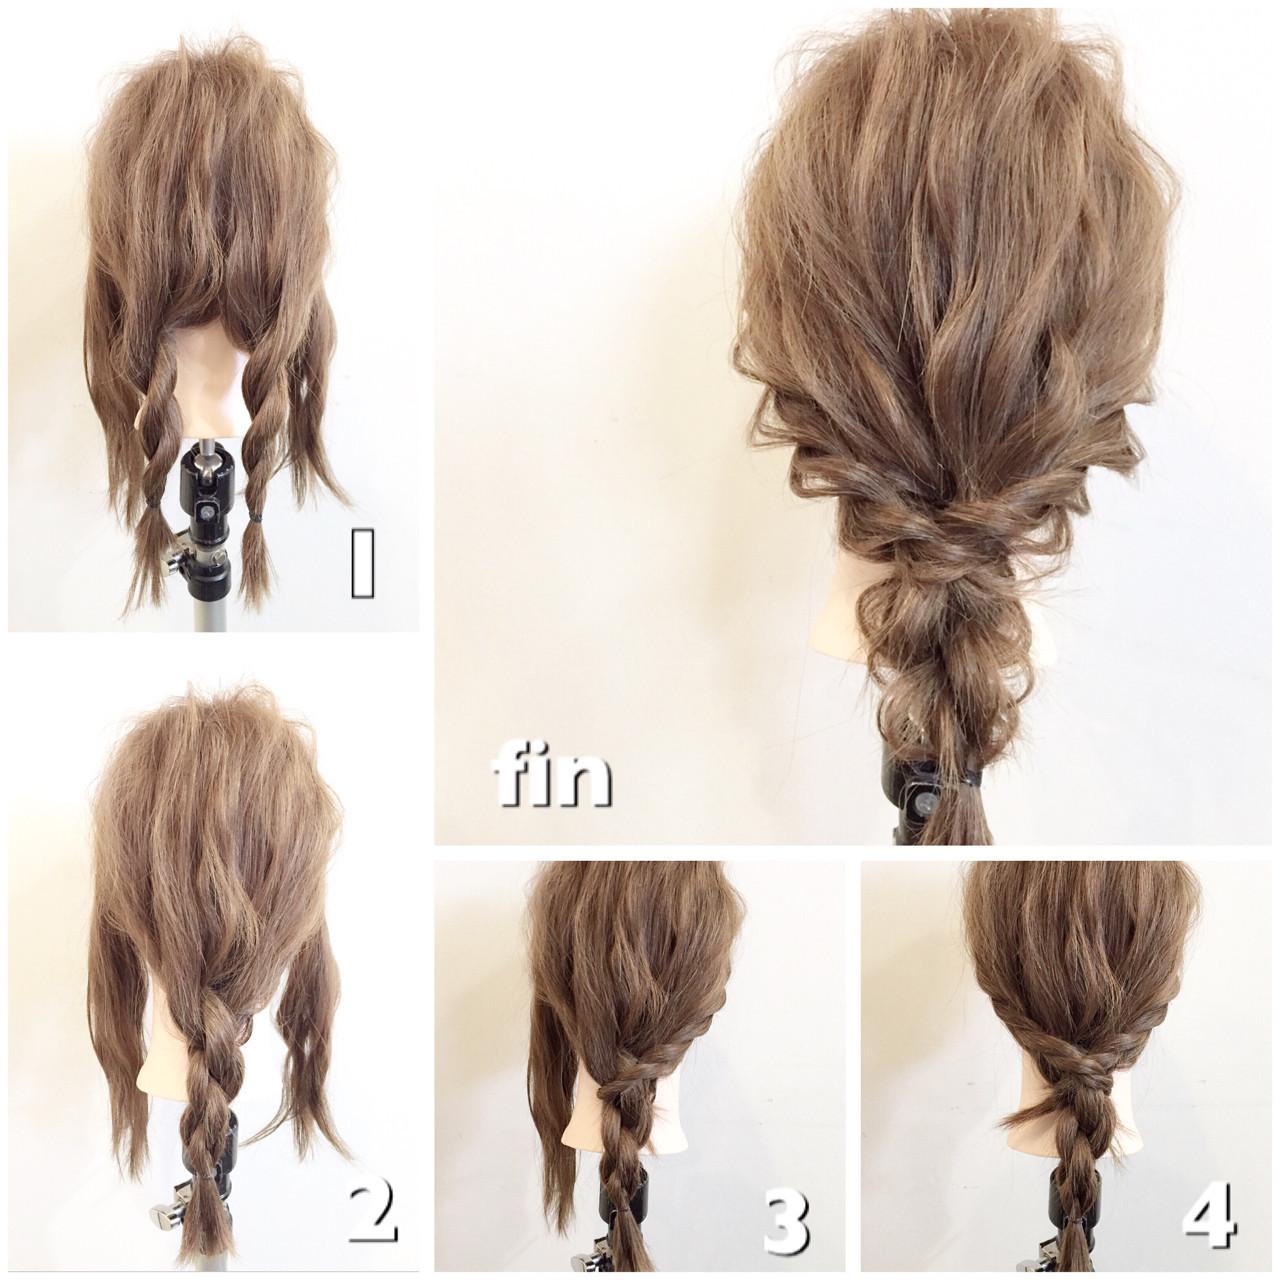 アイロンいらずの簡単アレンジ!ロープ編みで作るヘアアレンジまとめ